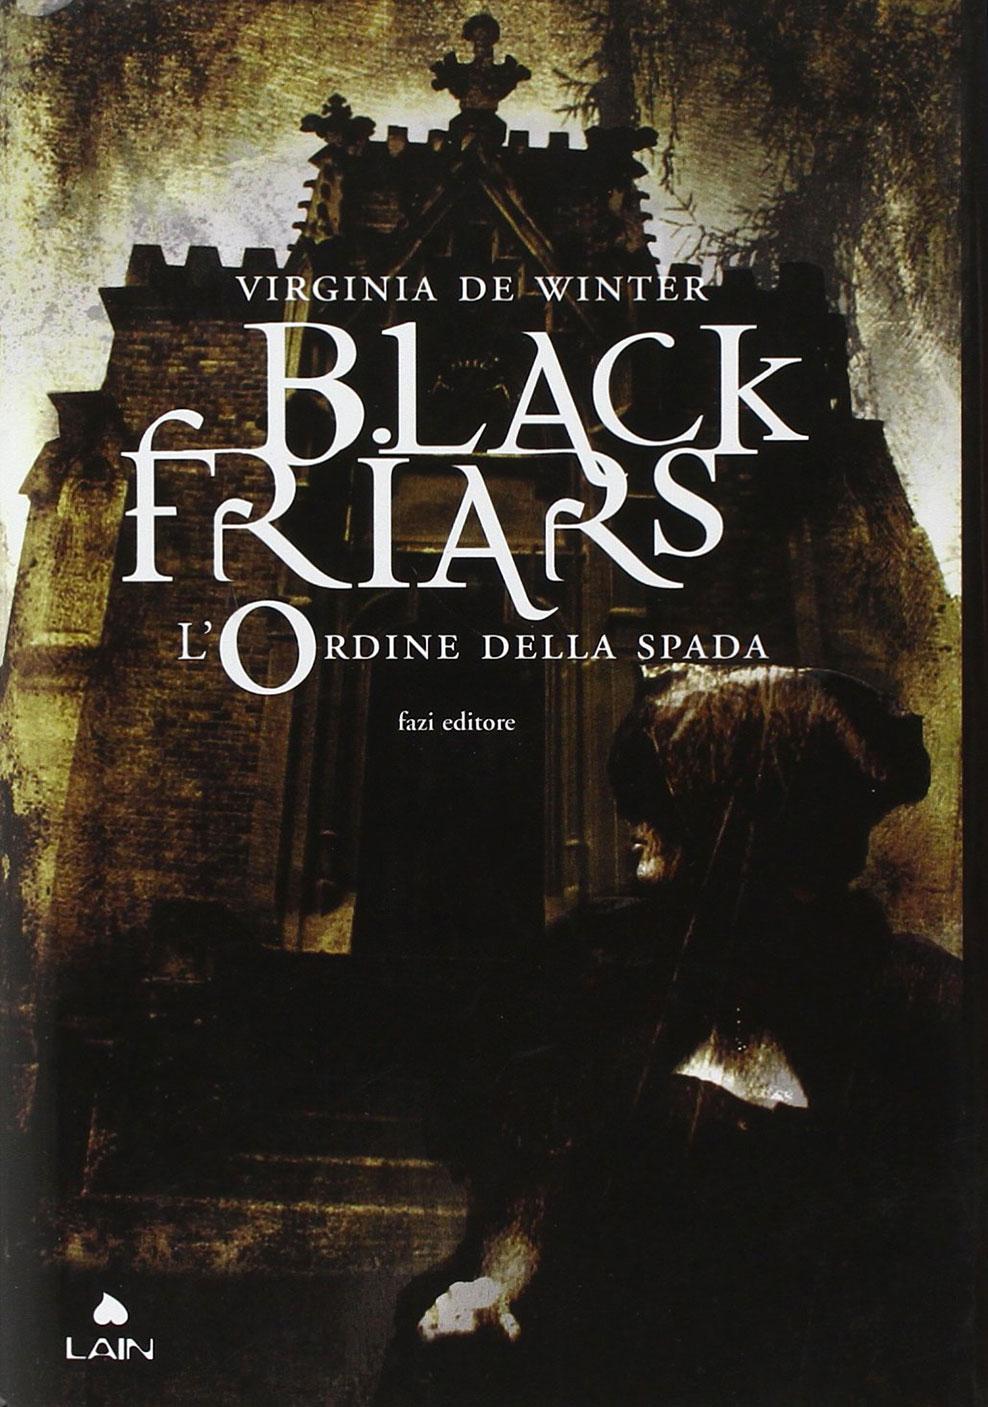 Blackfriars